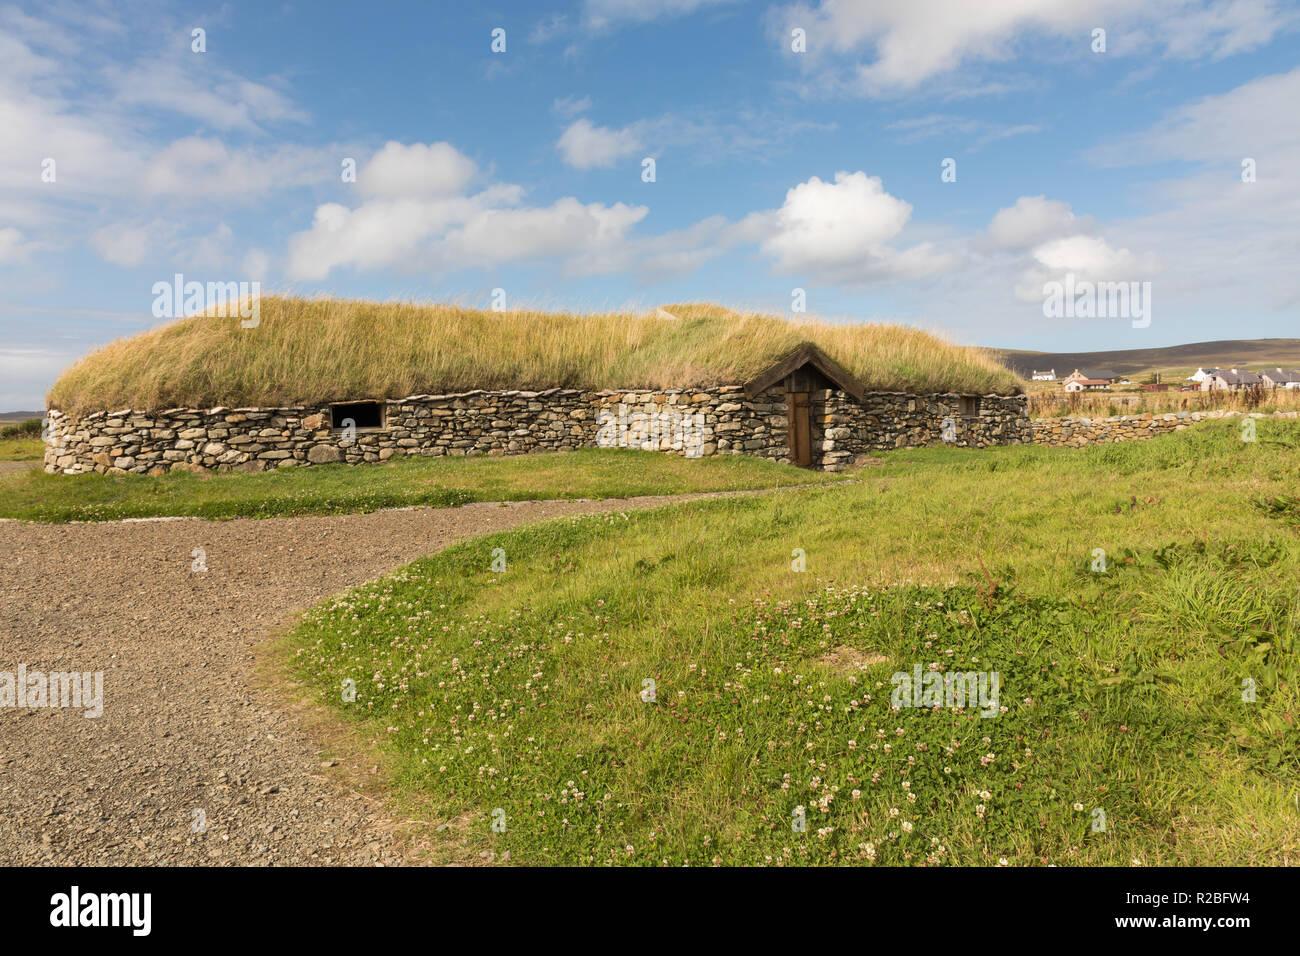 Reconstruction of Viking longhouse, Unst, Shetland - Stock Image